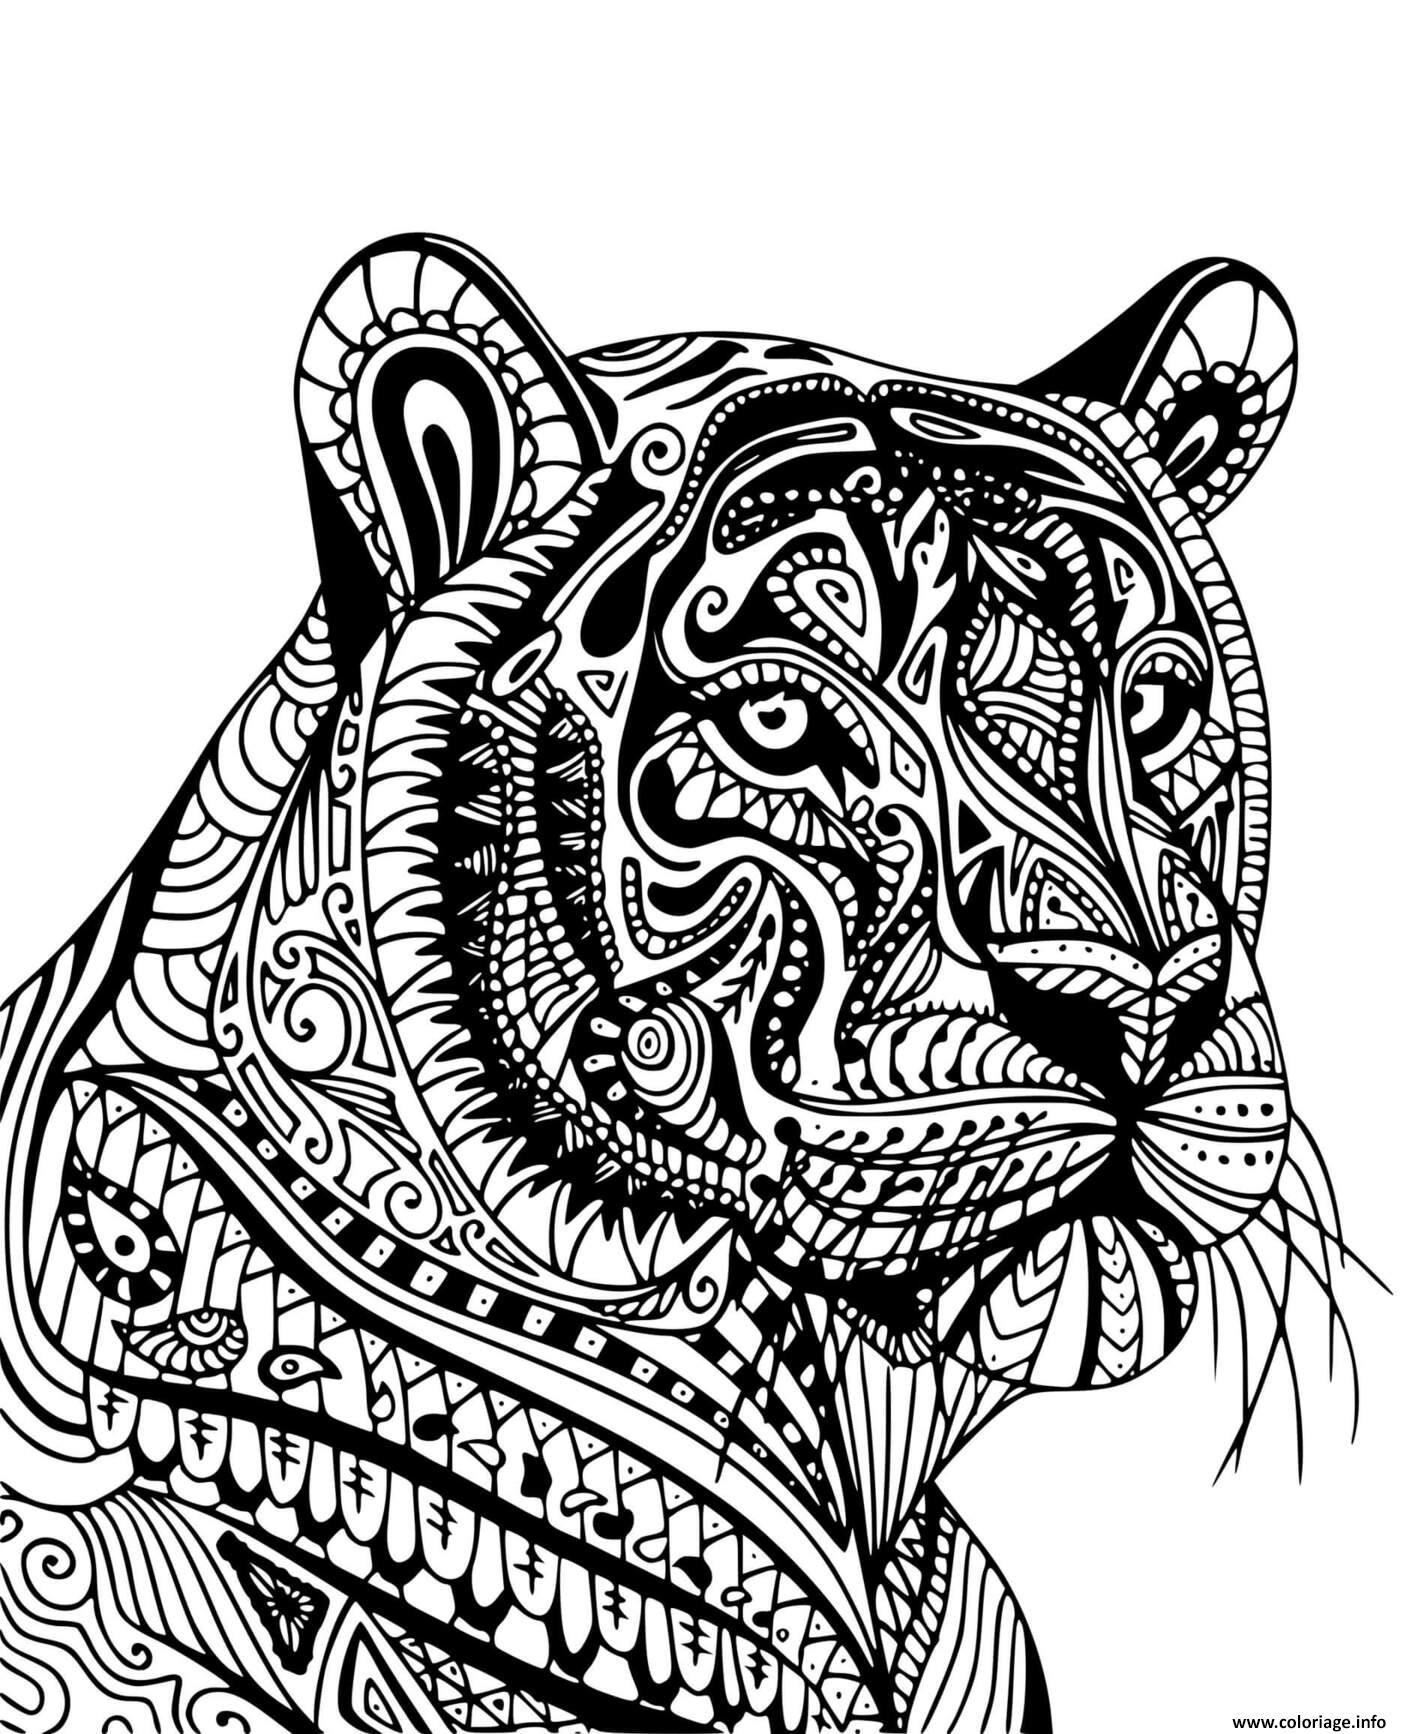 Dessin tigre adulte mandala de profil Coloriage Gratuit à Imprimer